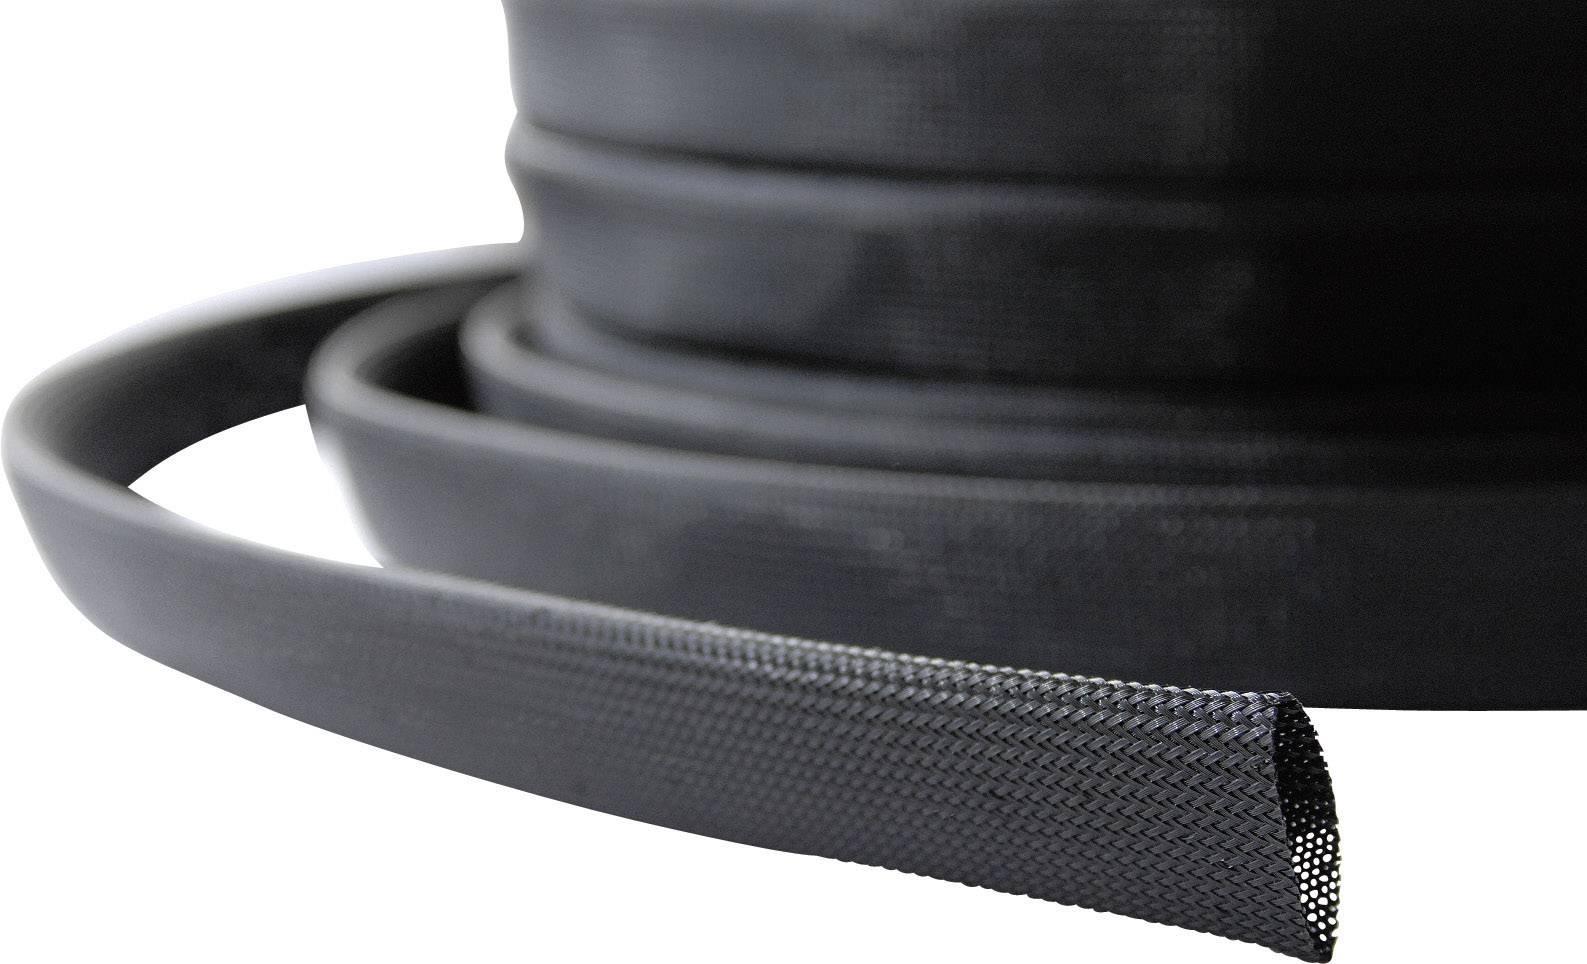 Ochranný oplet SILVYN® BRAID Ø svazku: 26 - 36 mm SILVYN® BRAID PA6 NW LappKabel 10 m